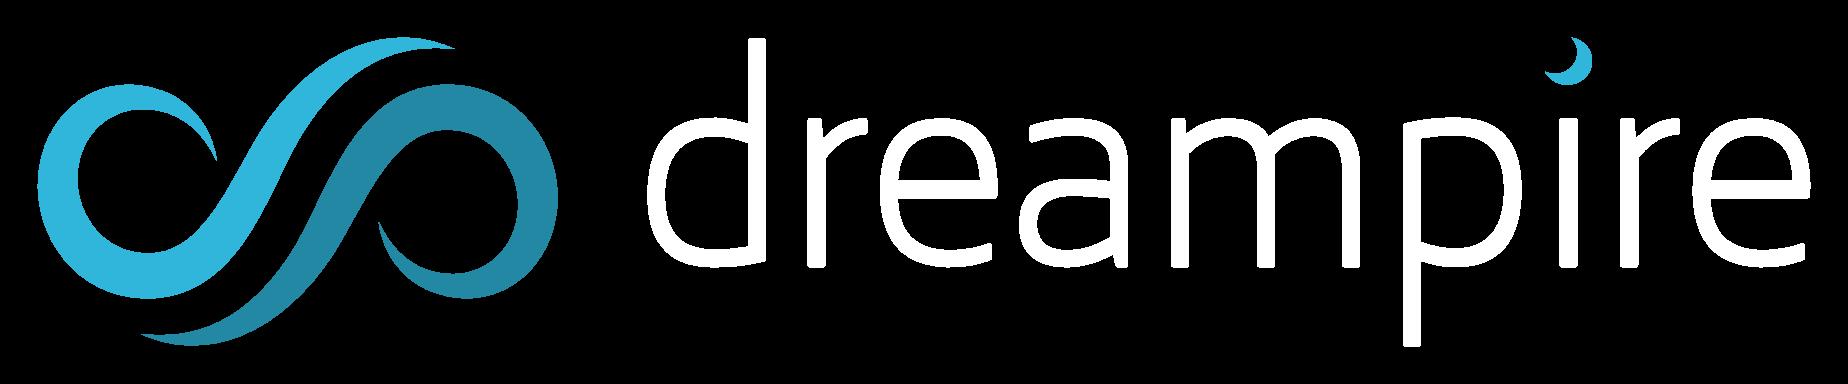 Dreampire - Pokażemy to, o czym marzysz